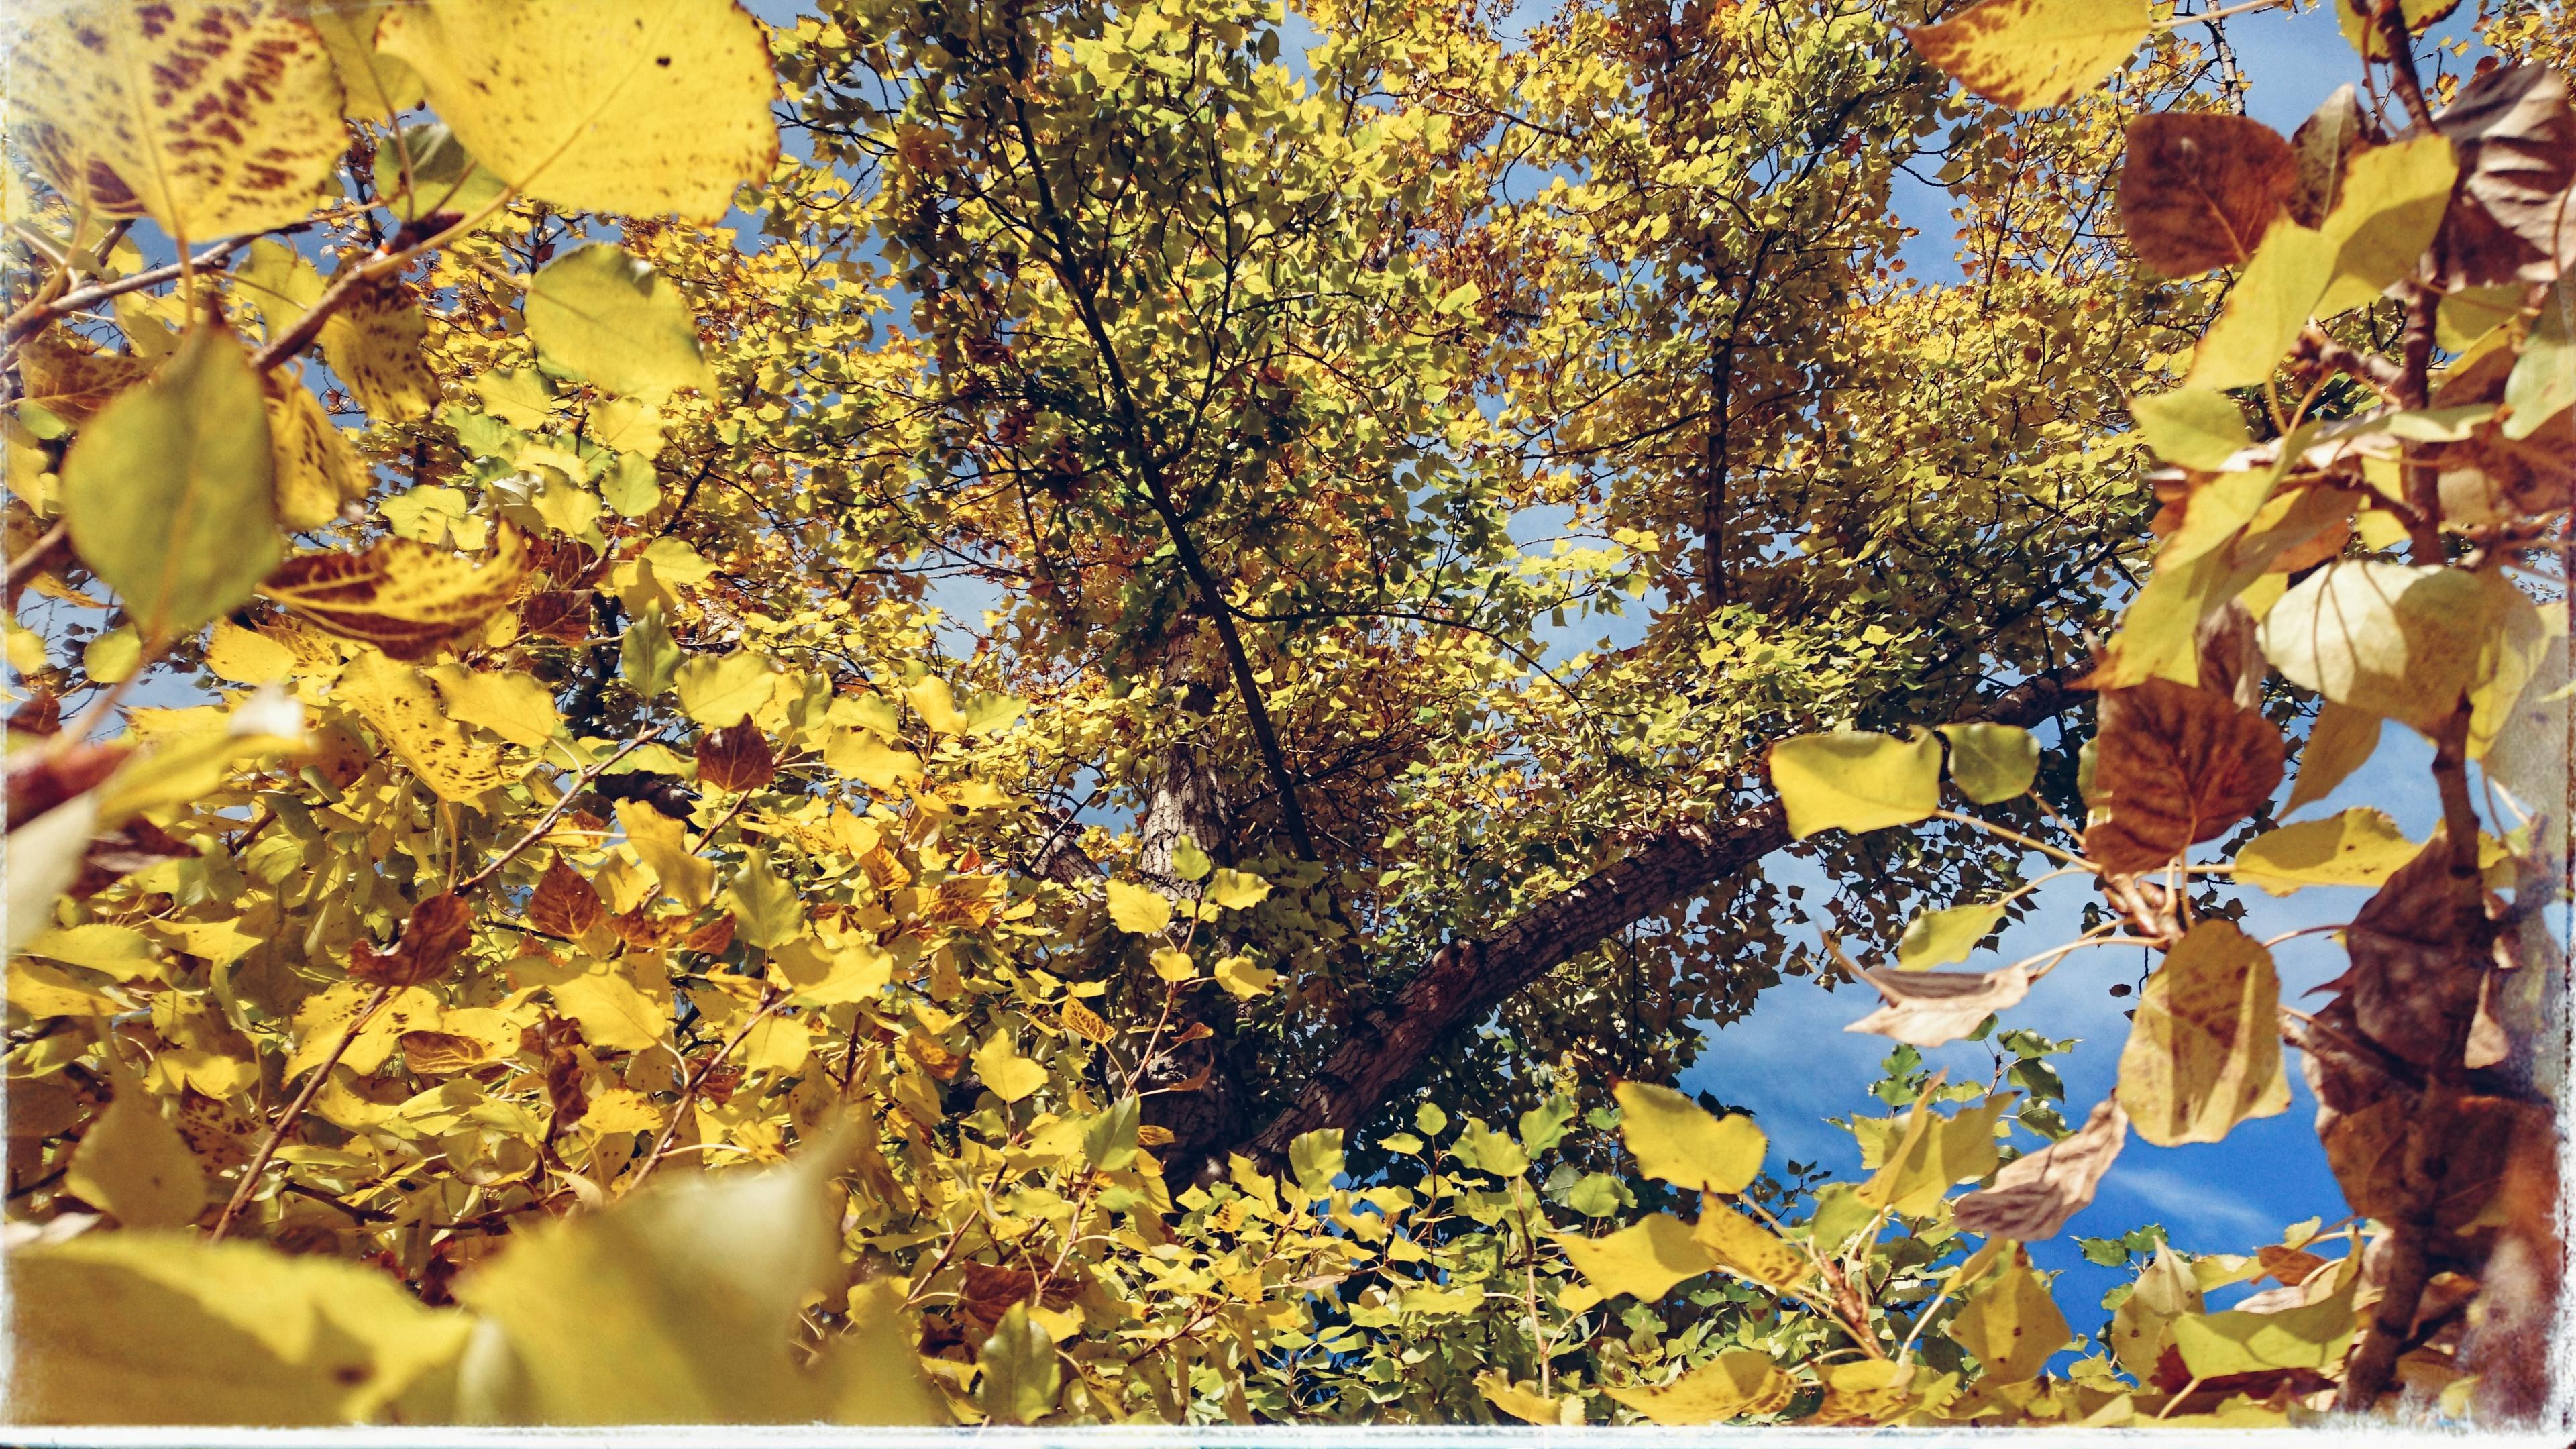 Fotos Gratis : Soleado, Follaje, Ramas, Amarillo, árbol